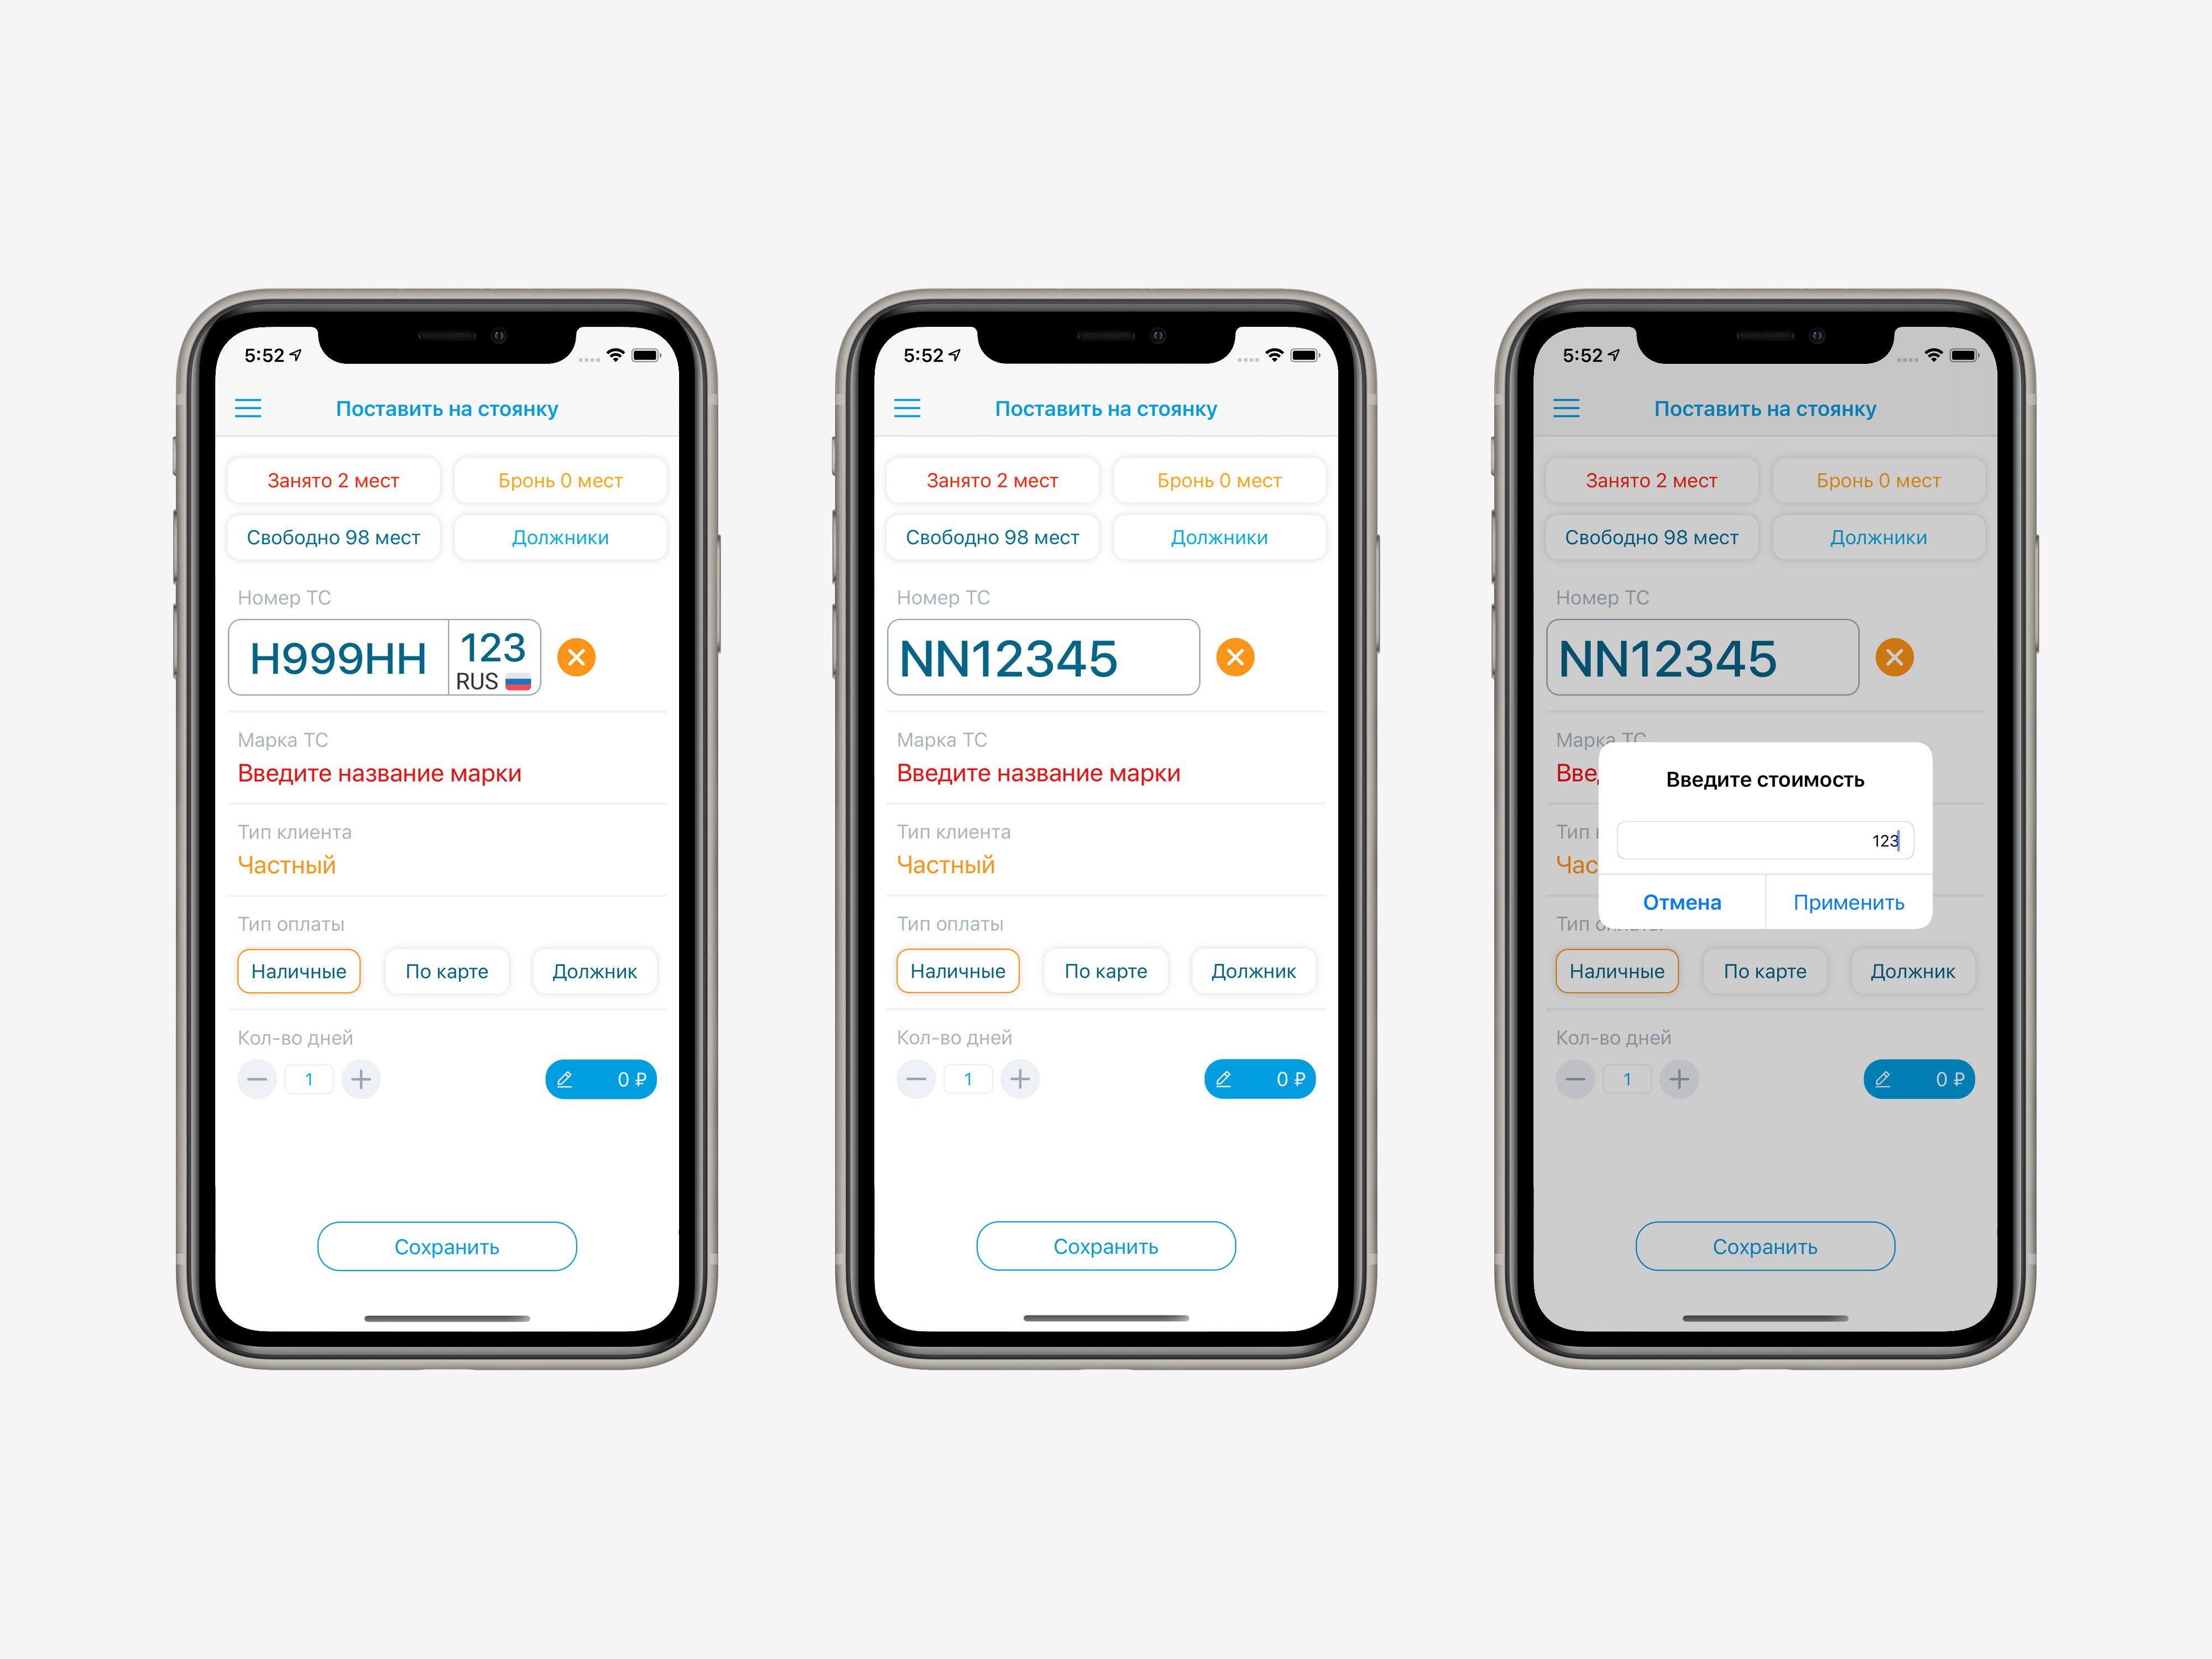 Раздел поставить на стоянку в iOS